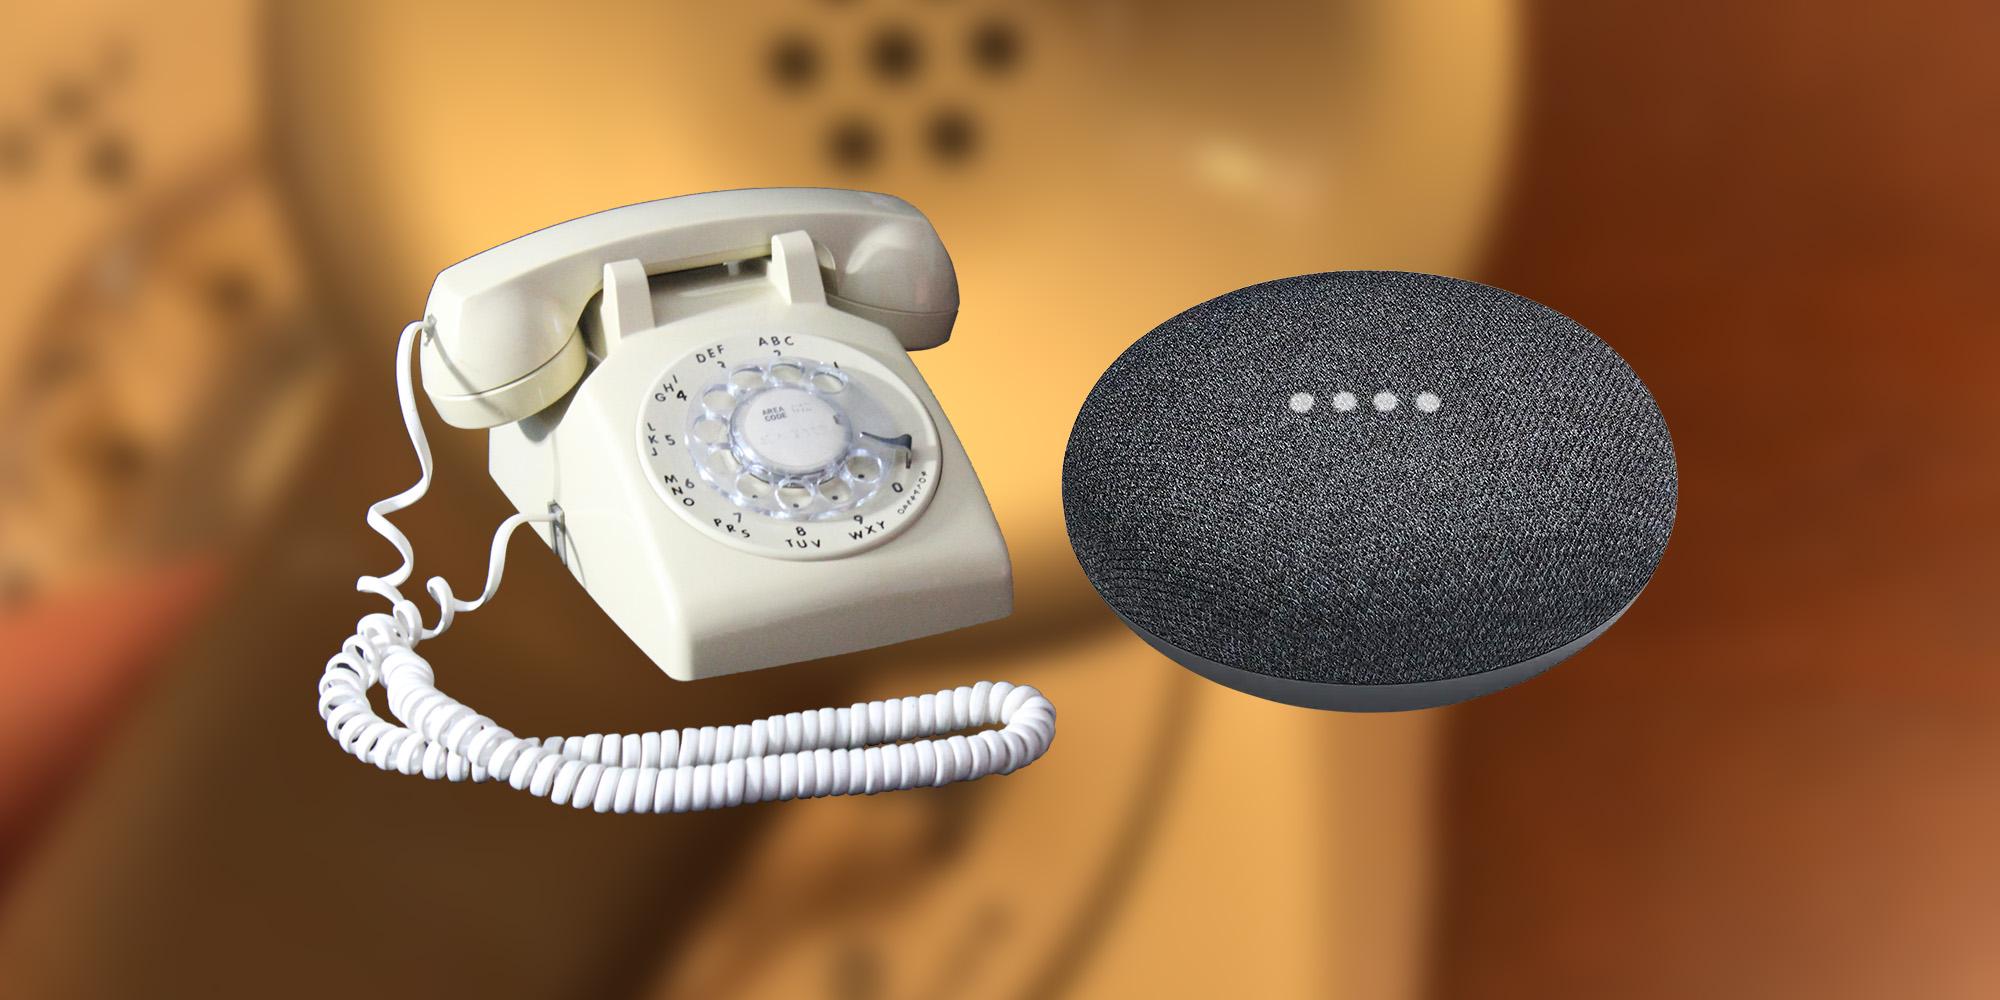 Превращаем дисковый телефон в цифрового помощника с использованием Google Assistant и Raspberry Pi